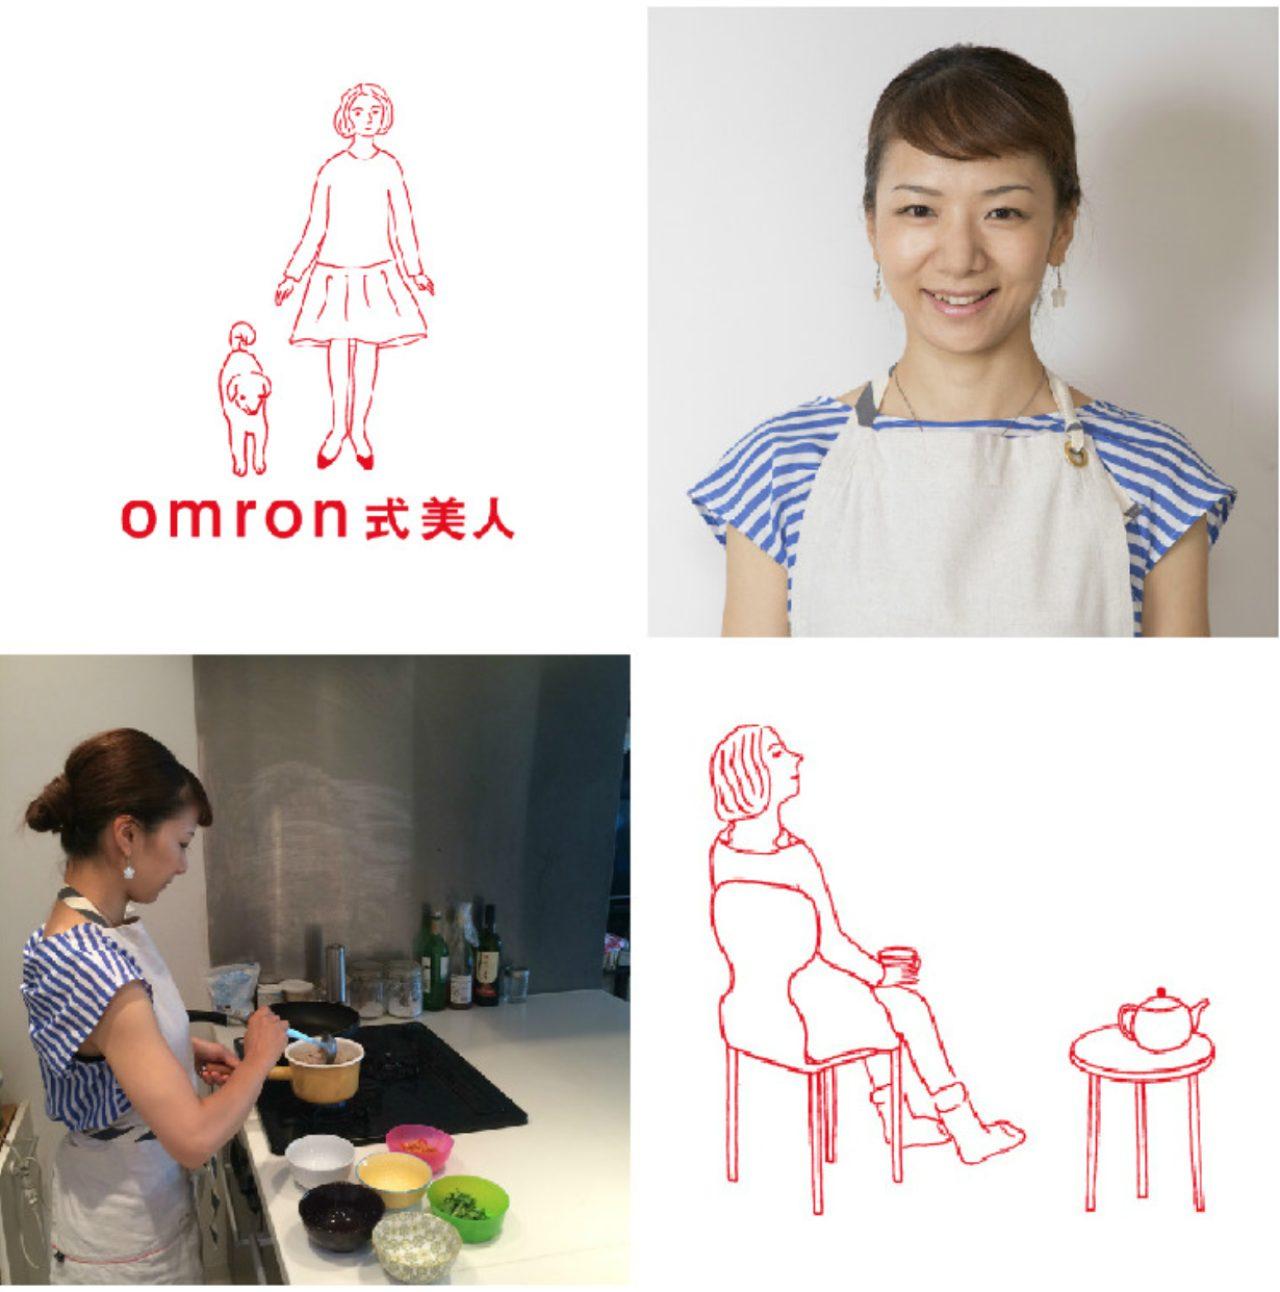 画像: オムロン式美人×りん ひろこさん www.healthcare.omron.co.jp